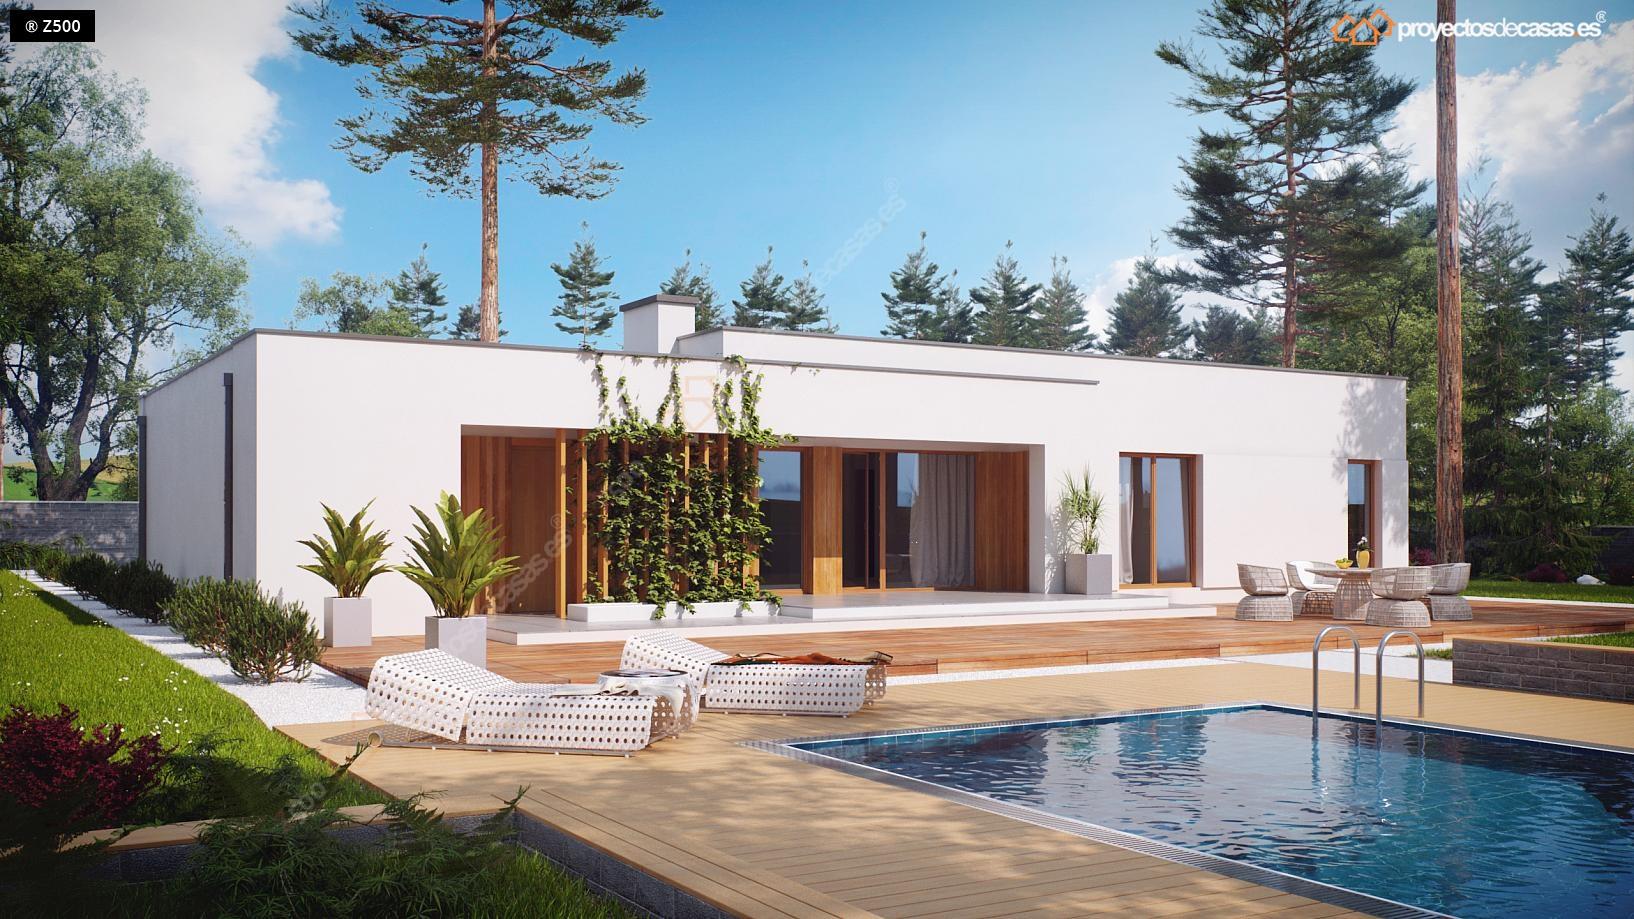 proyectos de casas casa minimalista de 1 planta con